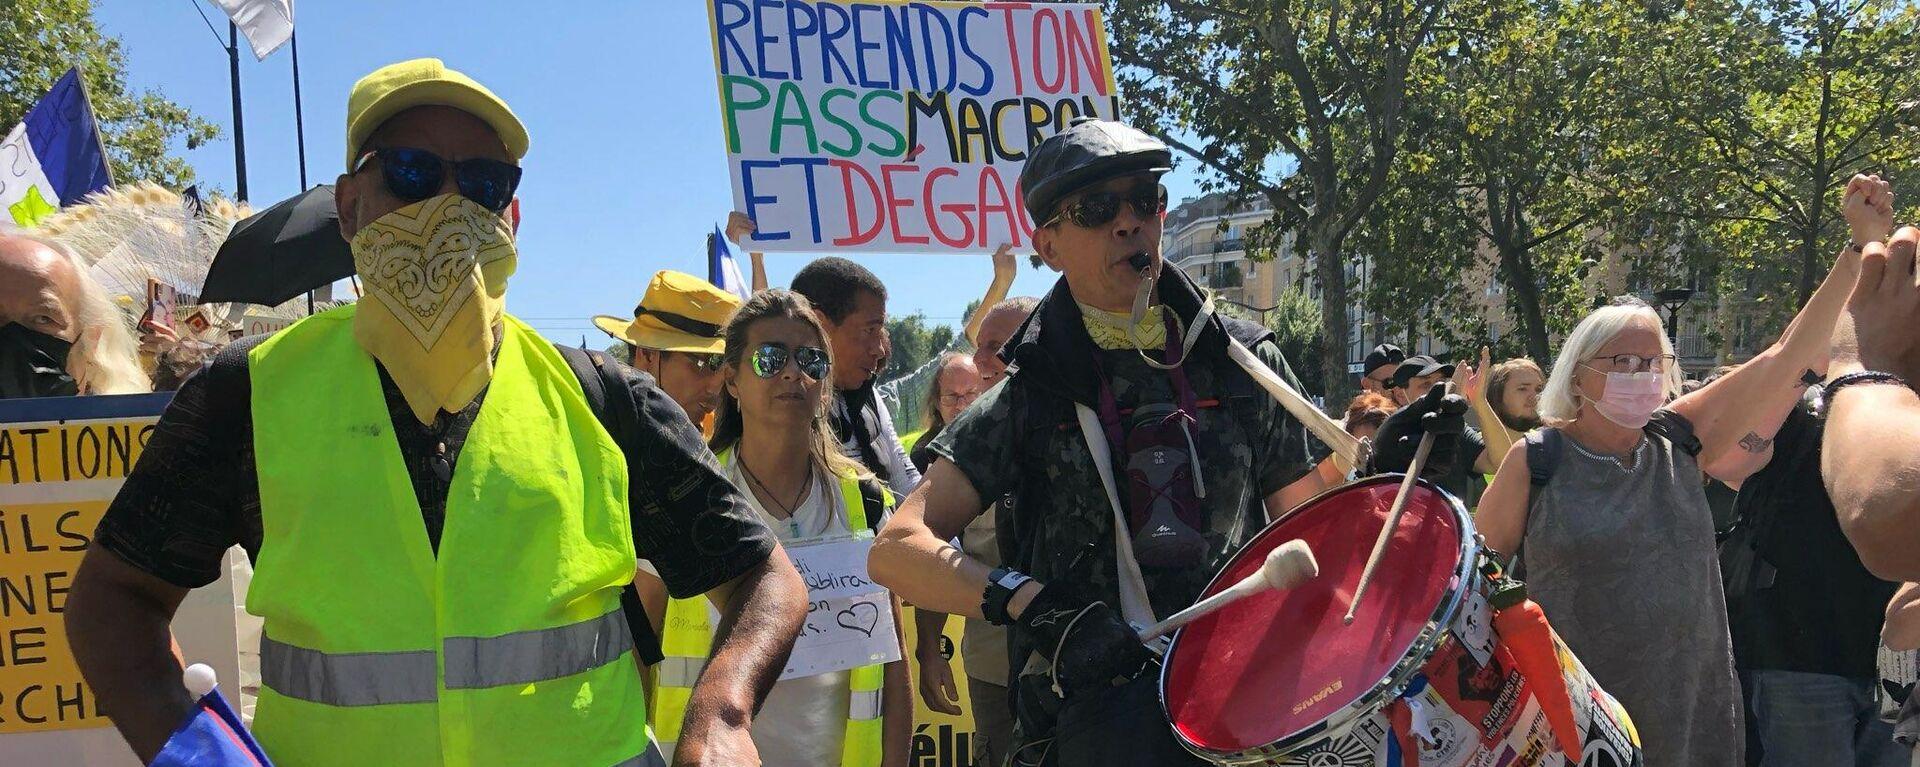 Manifestazione contro il Green Pass e l'obbligo vaccinale a Parigi, il 14 agosto 2021 - Sputnik Italia, 1920, 14.08.2021